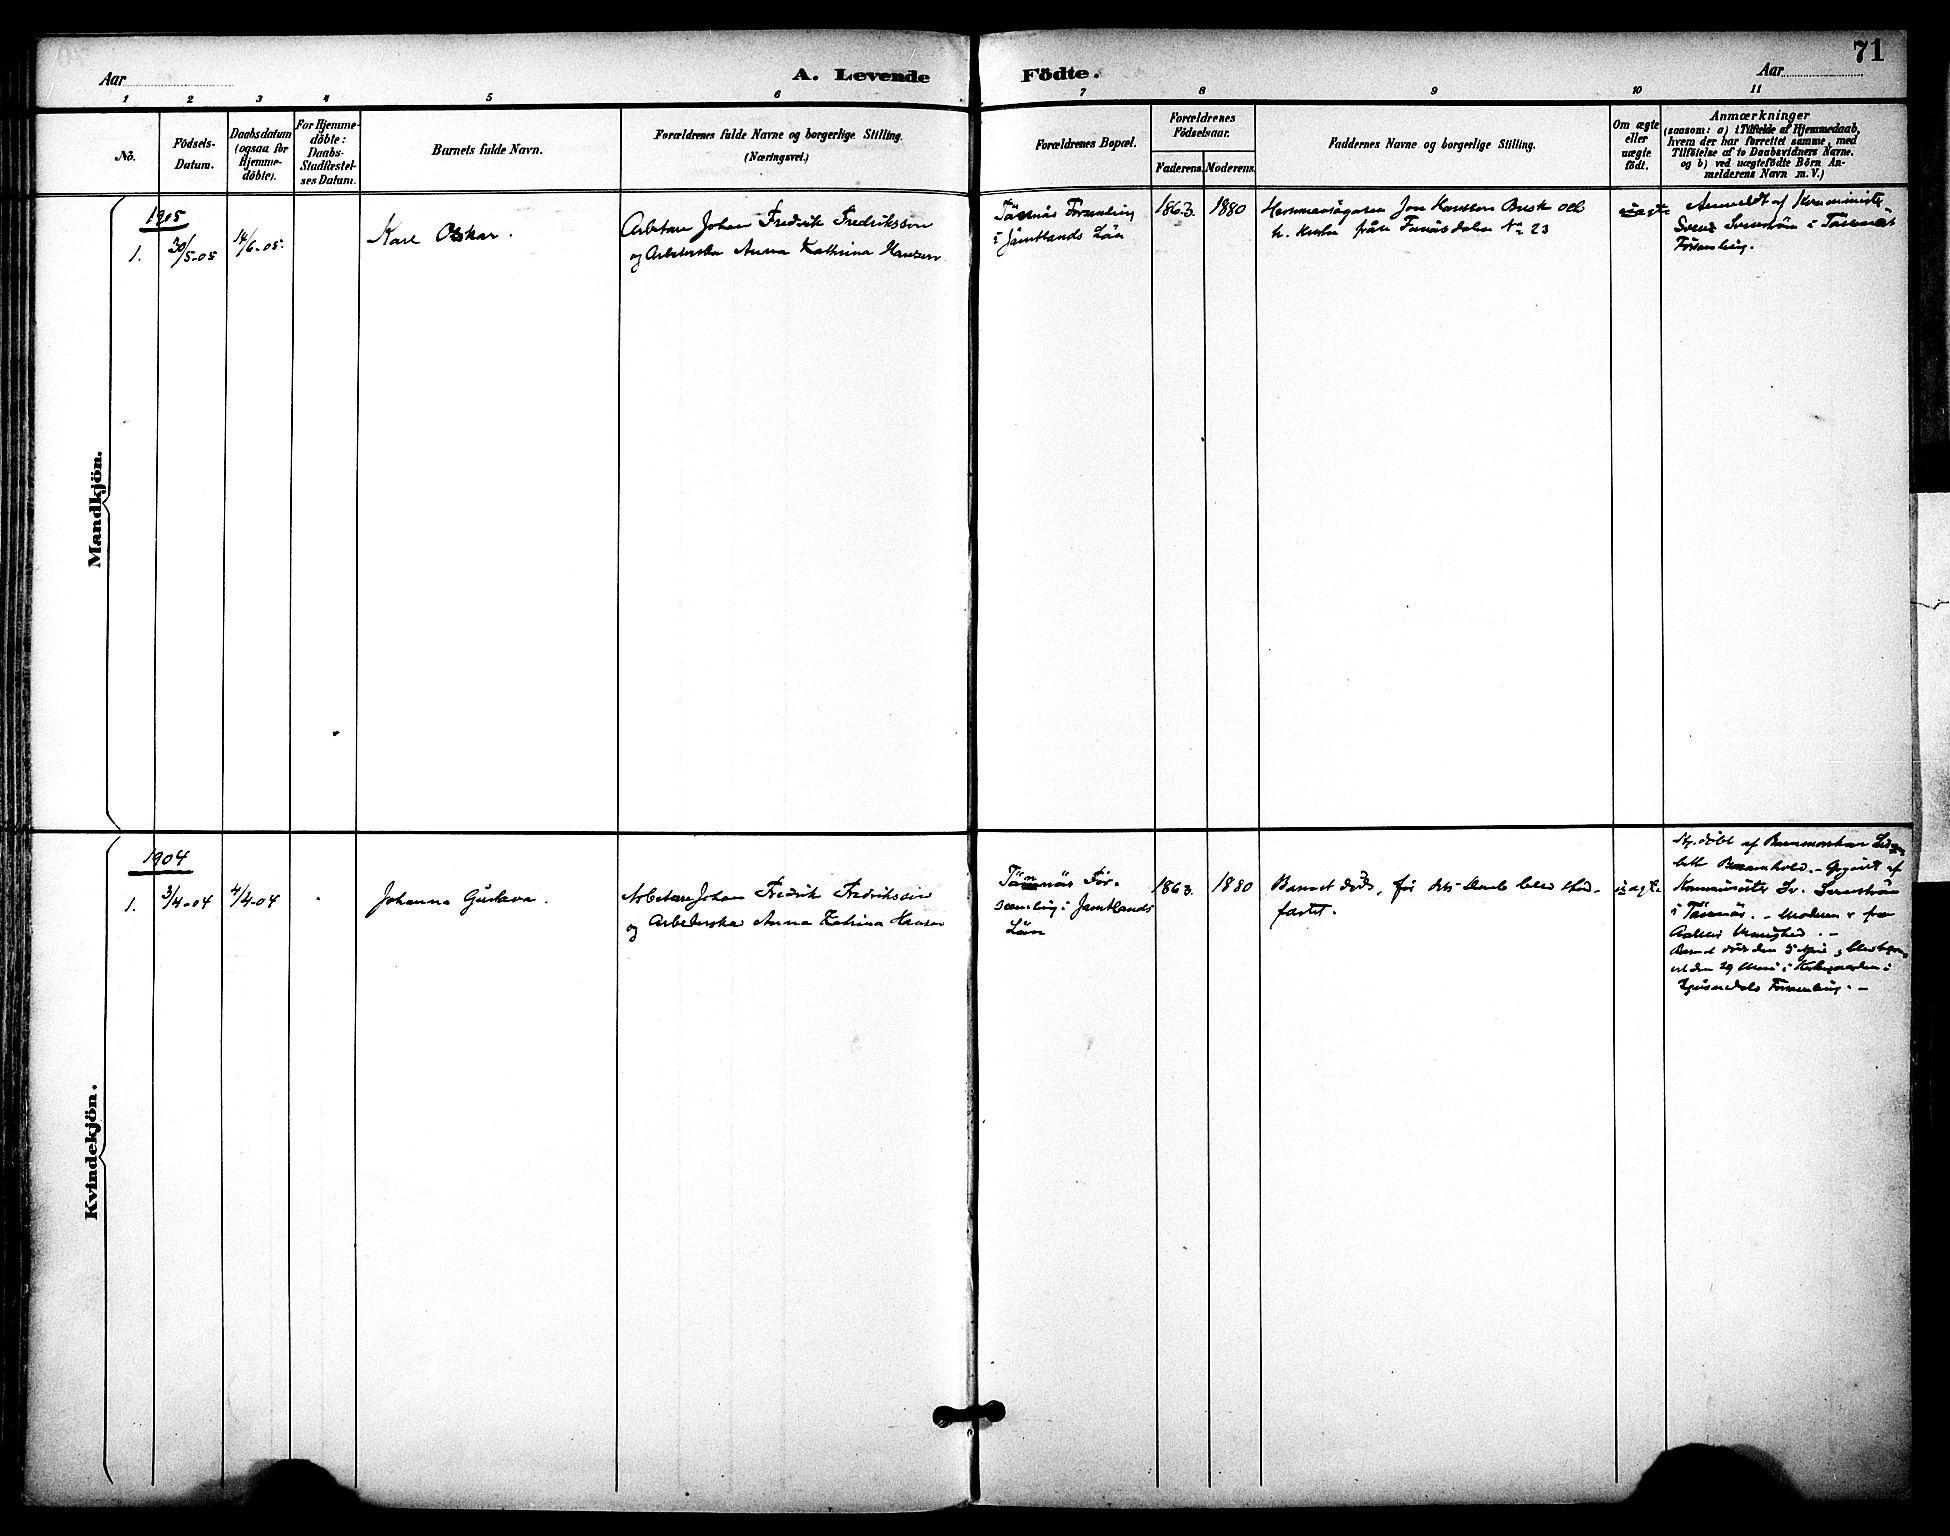 SAT, Ministerialprotokoller, klokkerbøker og fødselsregistre - Sør-Trøndelag, 686/L0984: Ministerialbok nr. 686A02, 1891-1906, s. 71